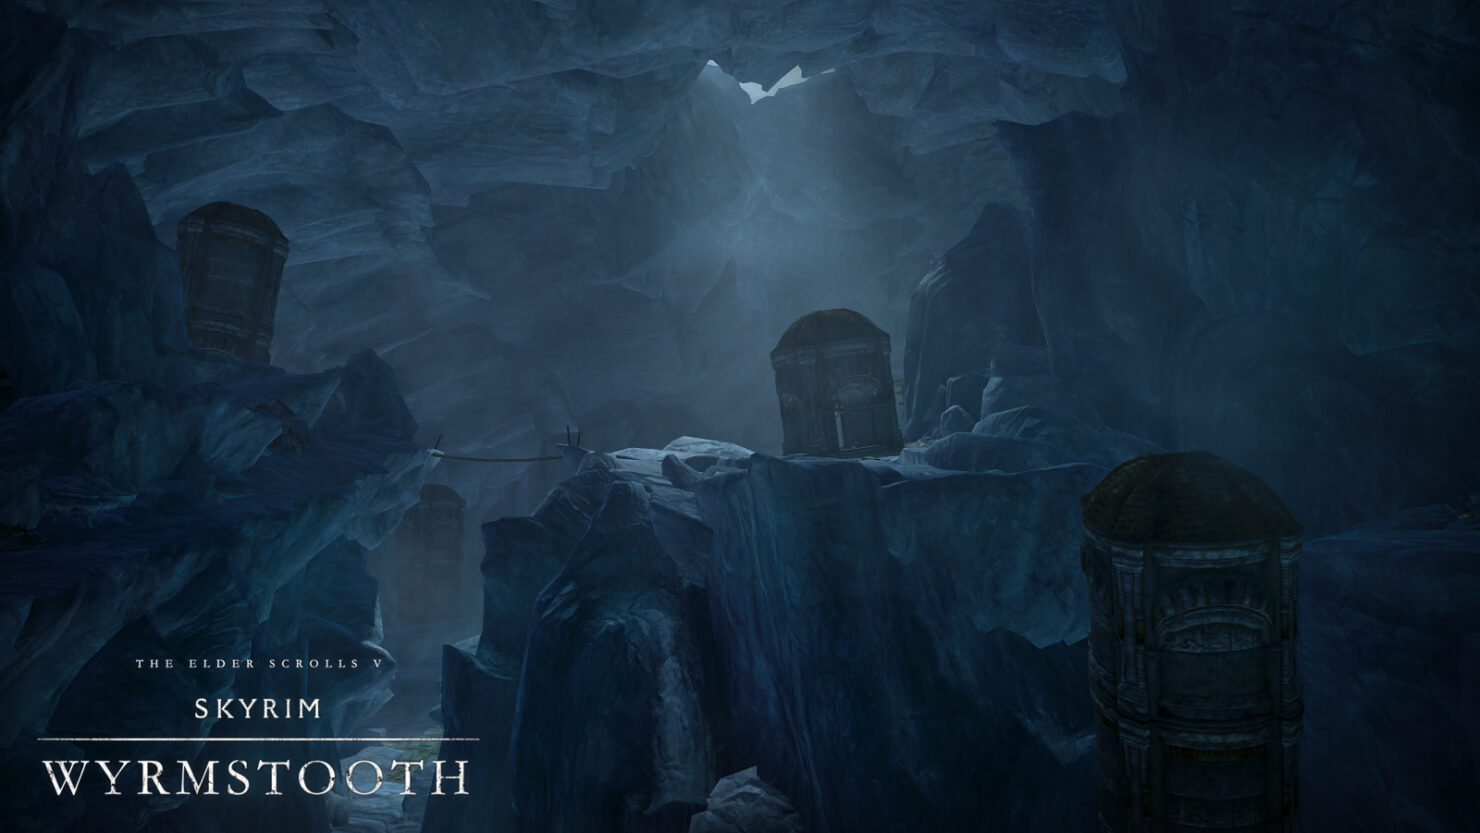 the-elder-scrolls-v-skyrim-wyrmstooth-mod-5